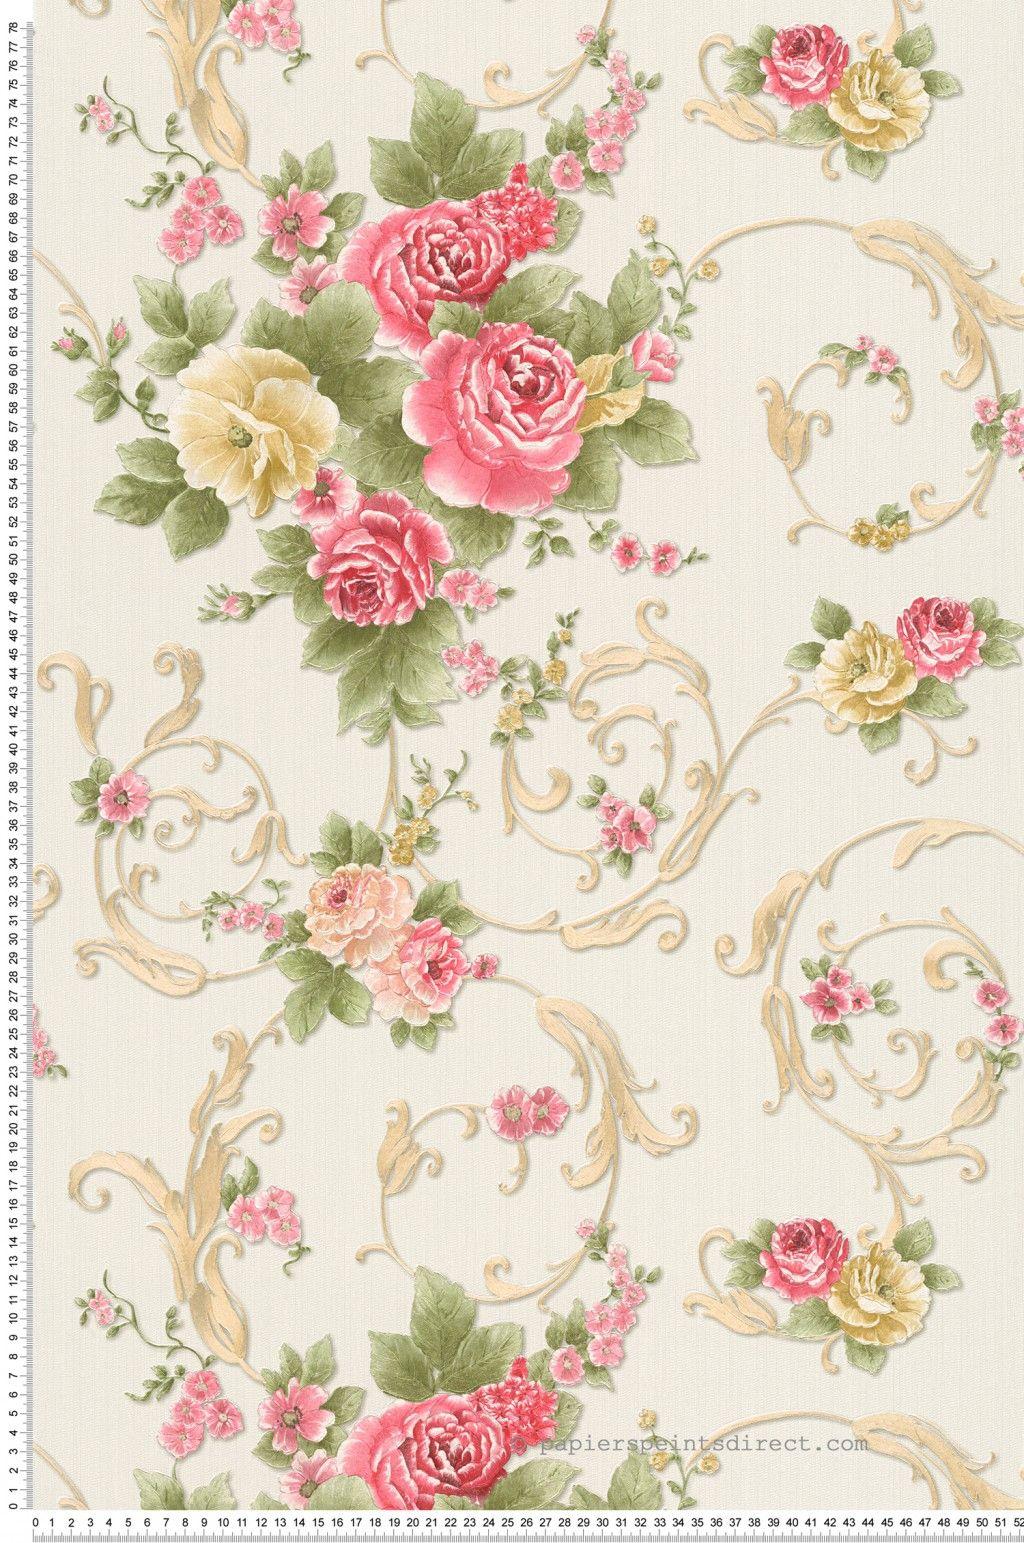 Fleurs Classiques Multicolores Papier Peint Romantica 3 D As